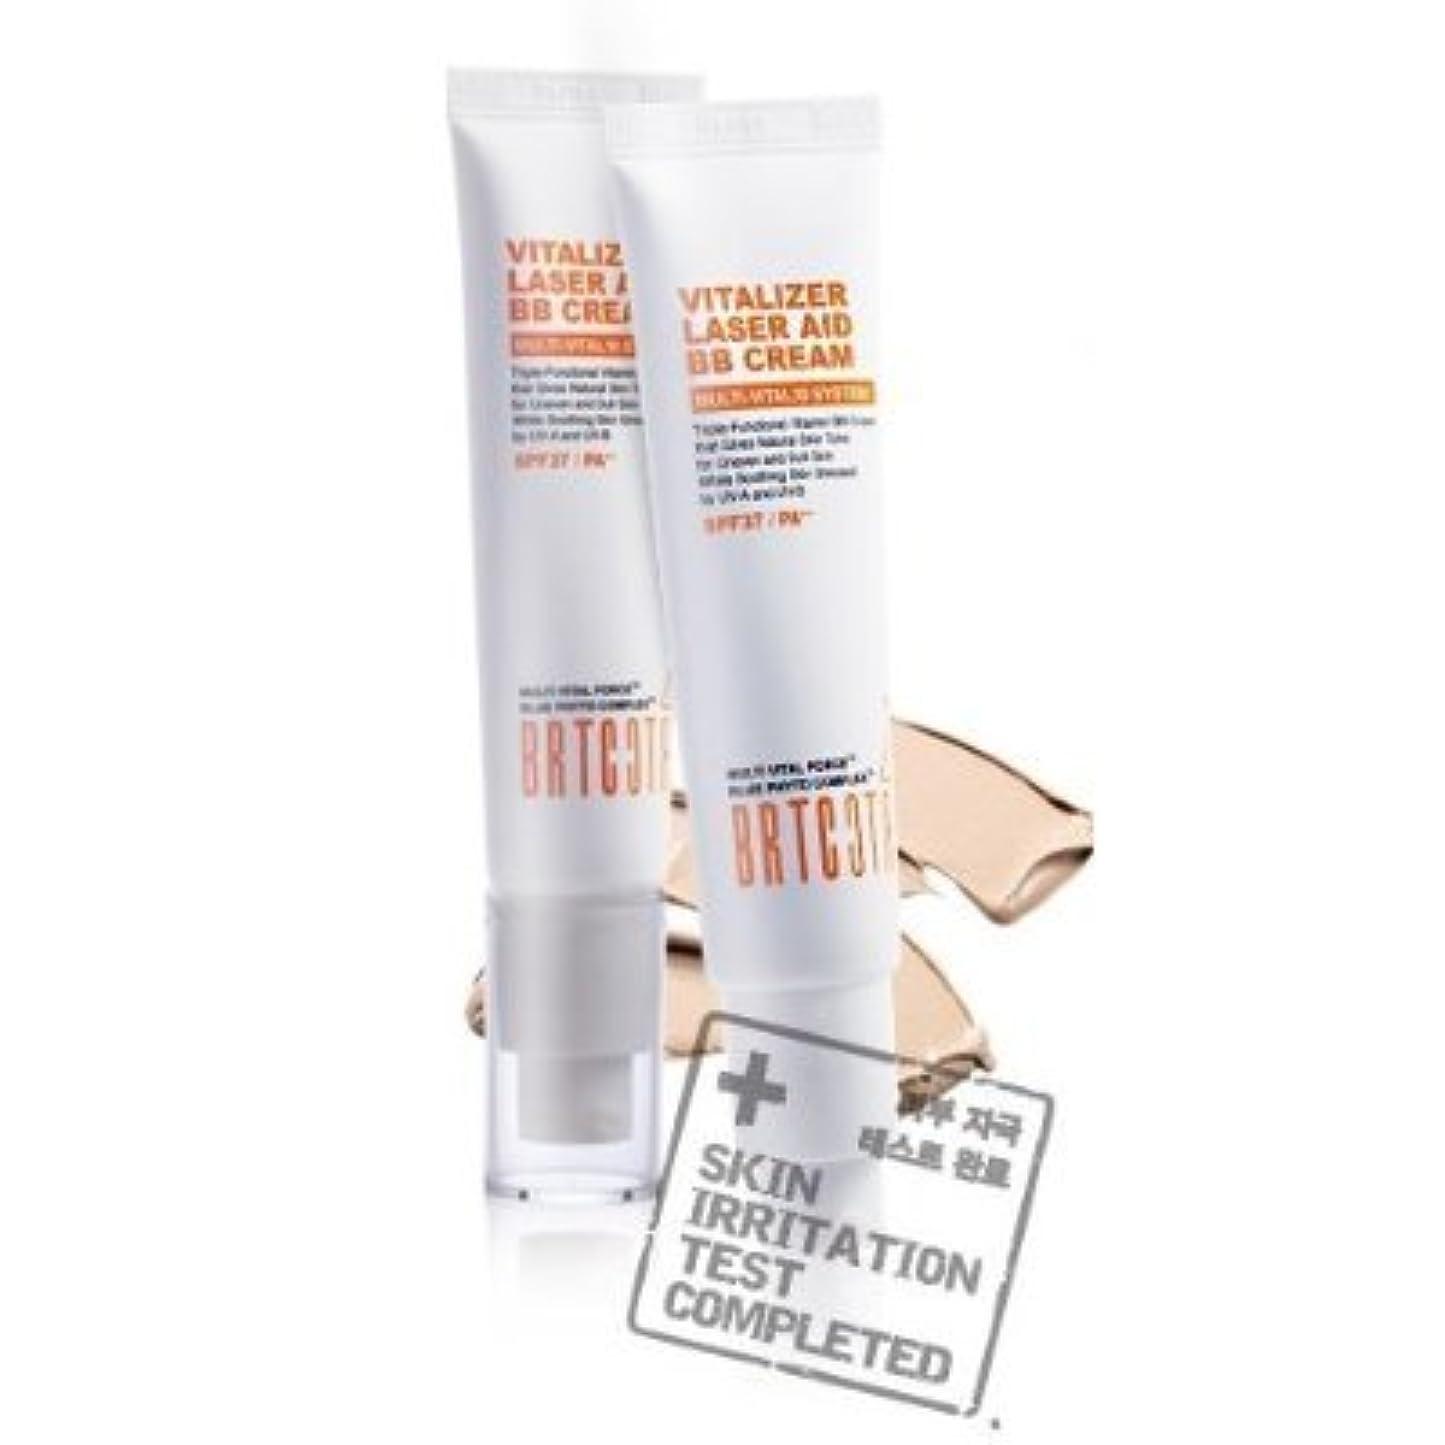 変化取り組む許すKOREAN COSMETICS, BRTC, Vitalizer Laser Aid BB Cream 35g (whitening, anti-wrinkle, UV protection SPF37/PA + +,...